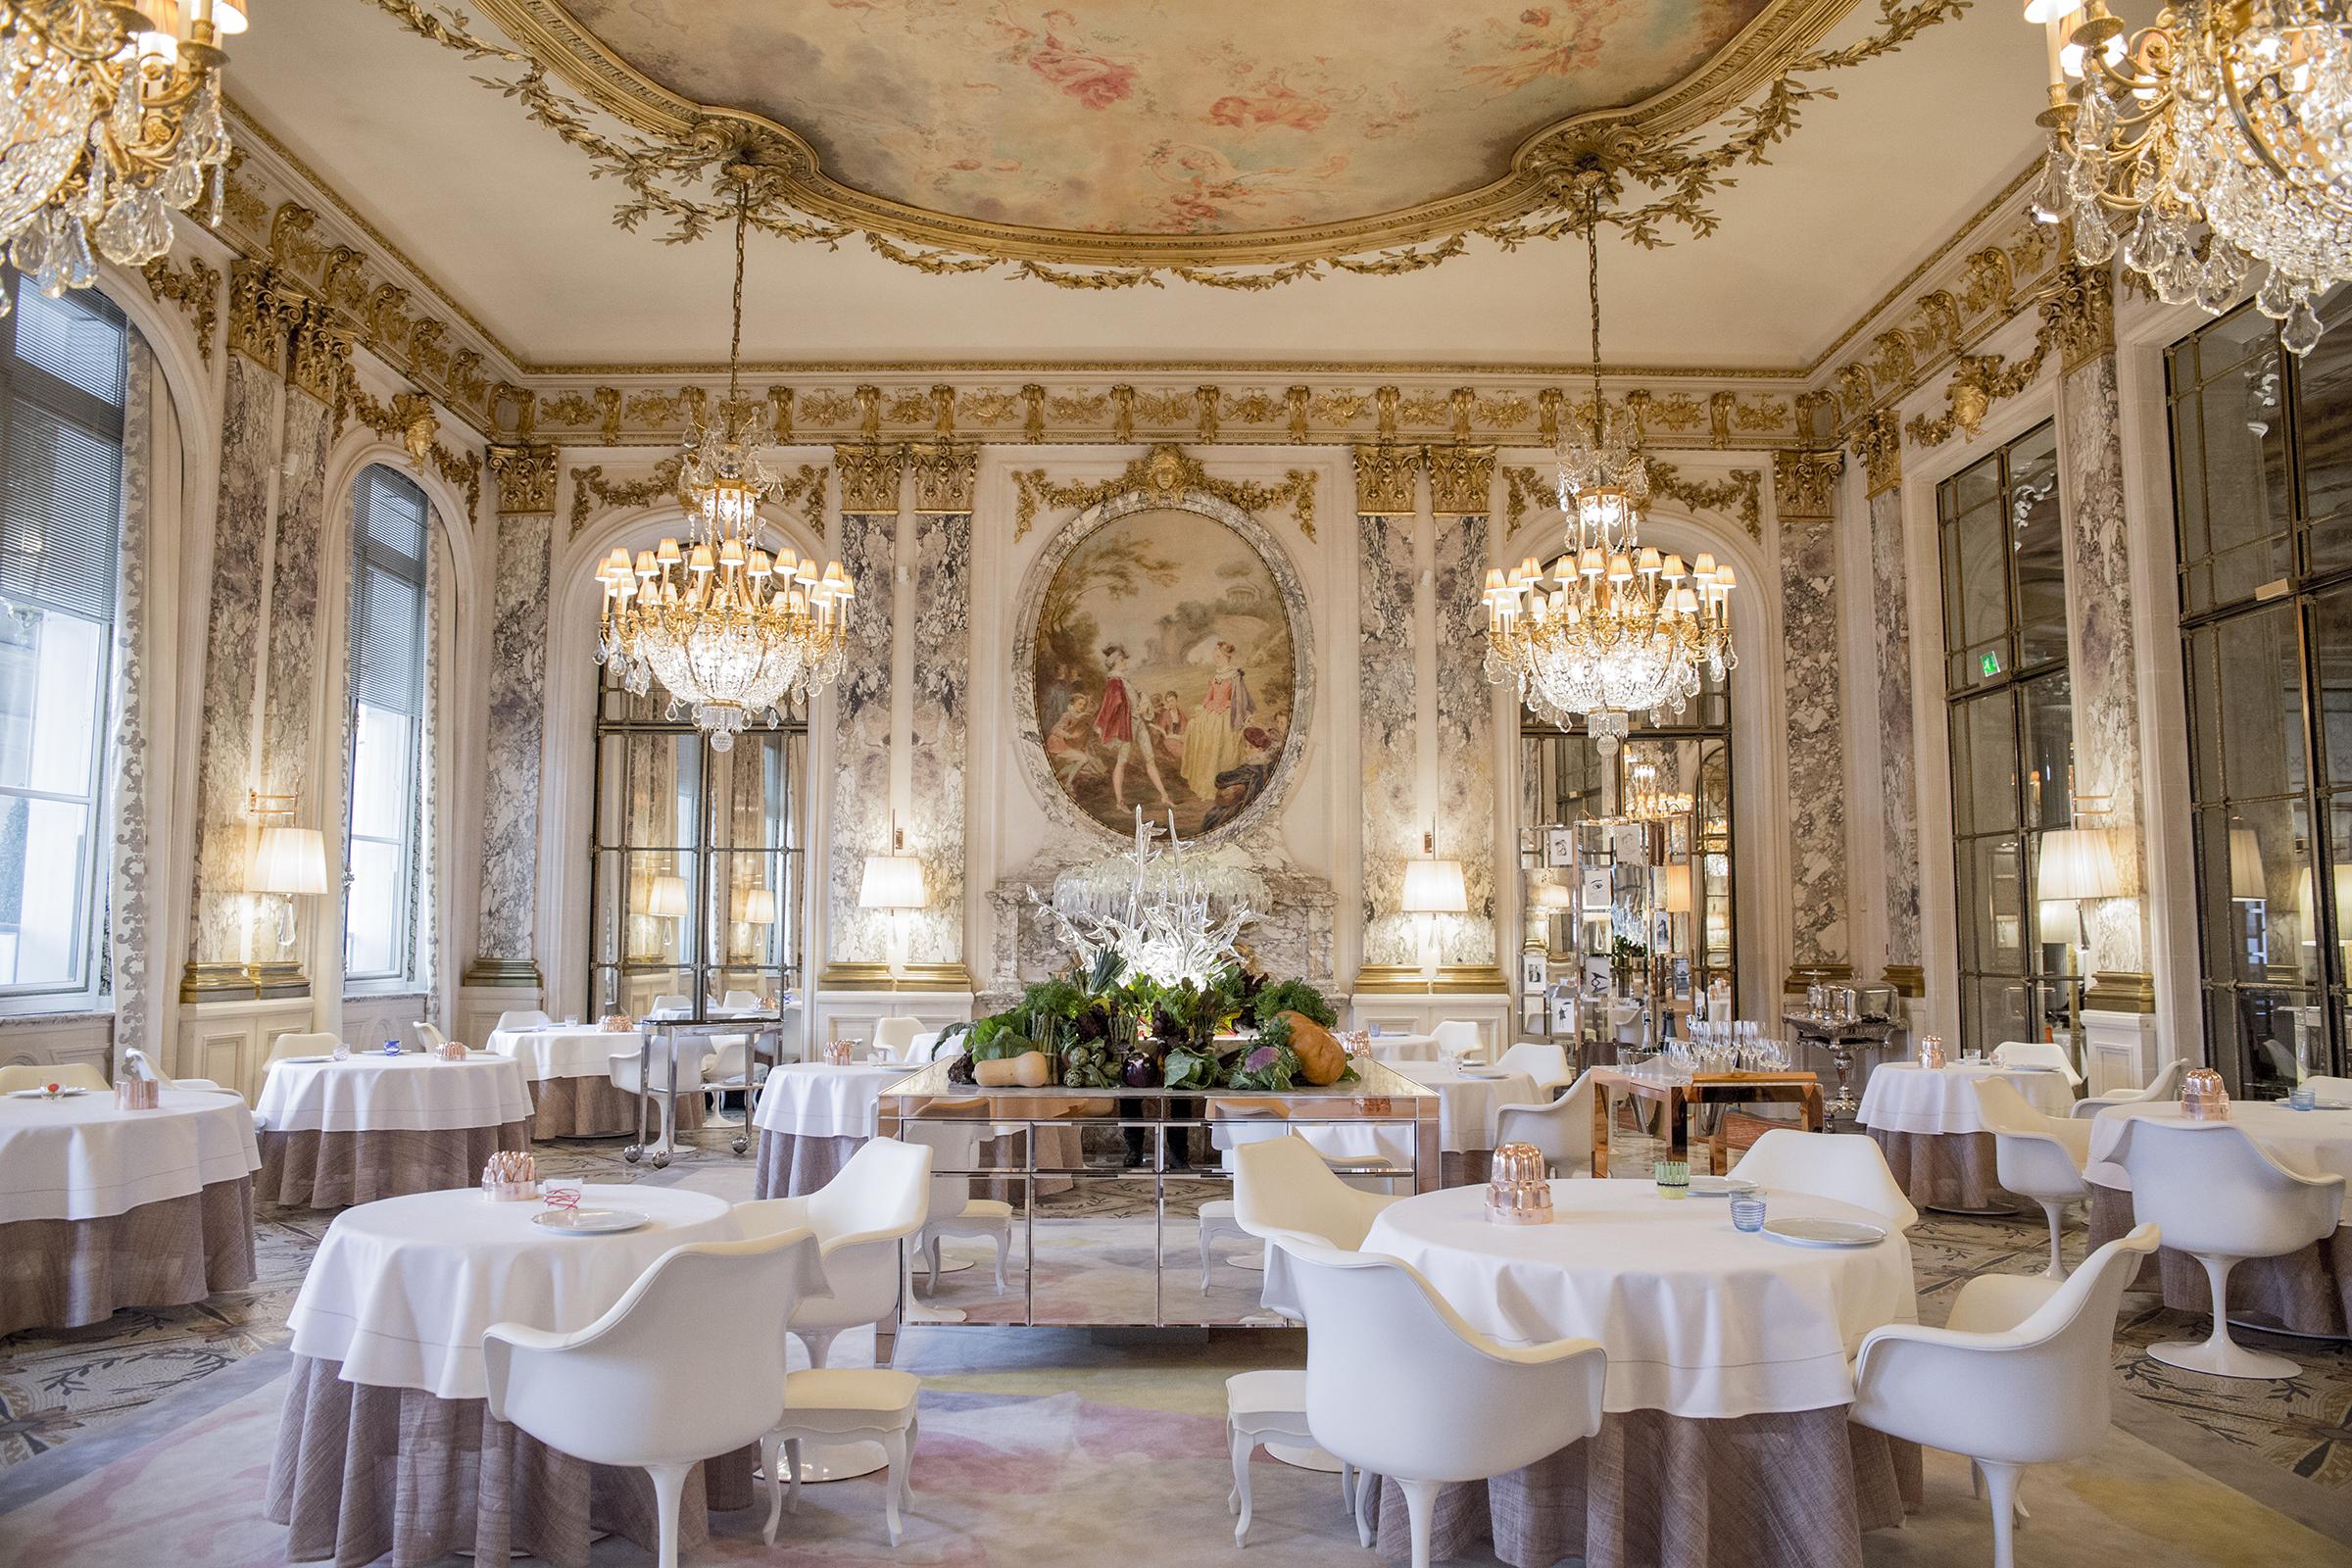 Lunch Restaurant Le Meurice Alain Ducasse